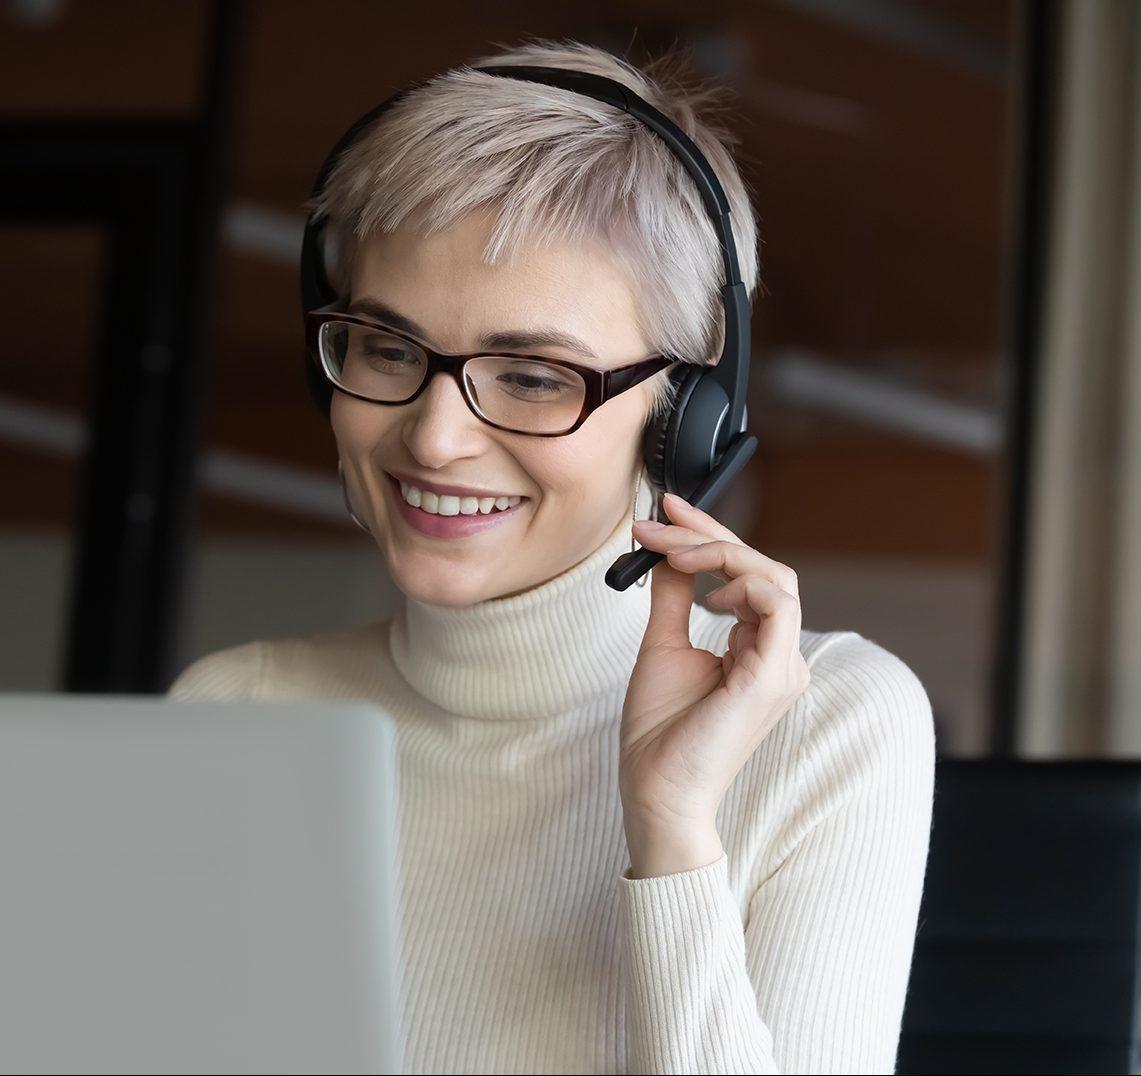 nainen hymyilee ja keskustelee etänä tietokoneyhteydellä